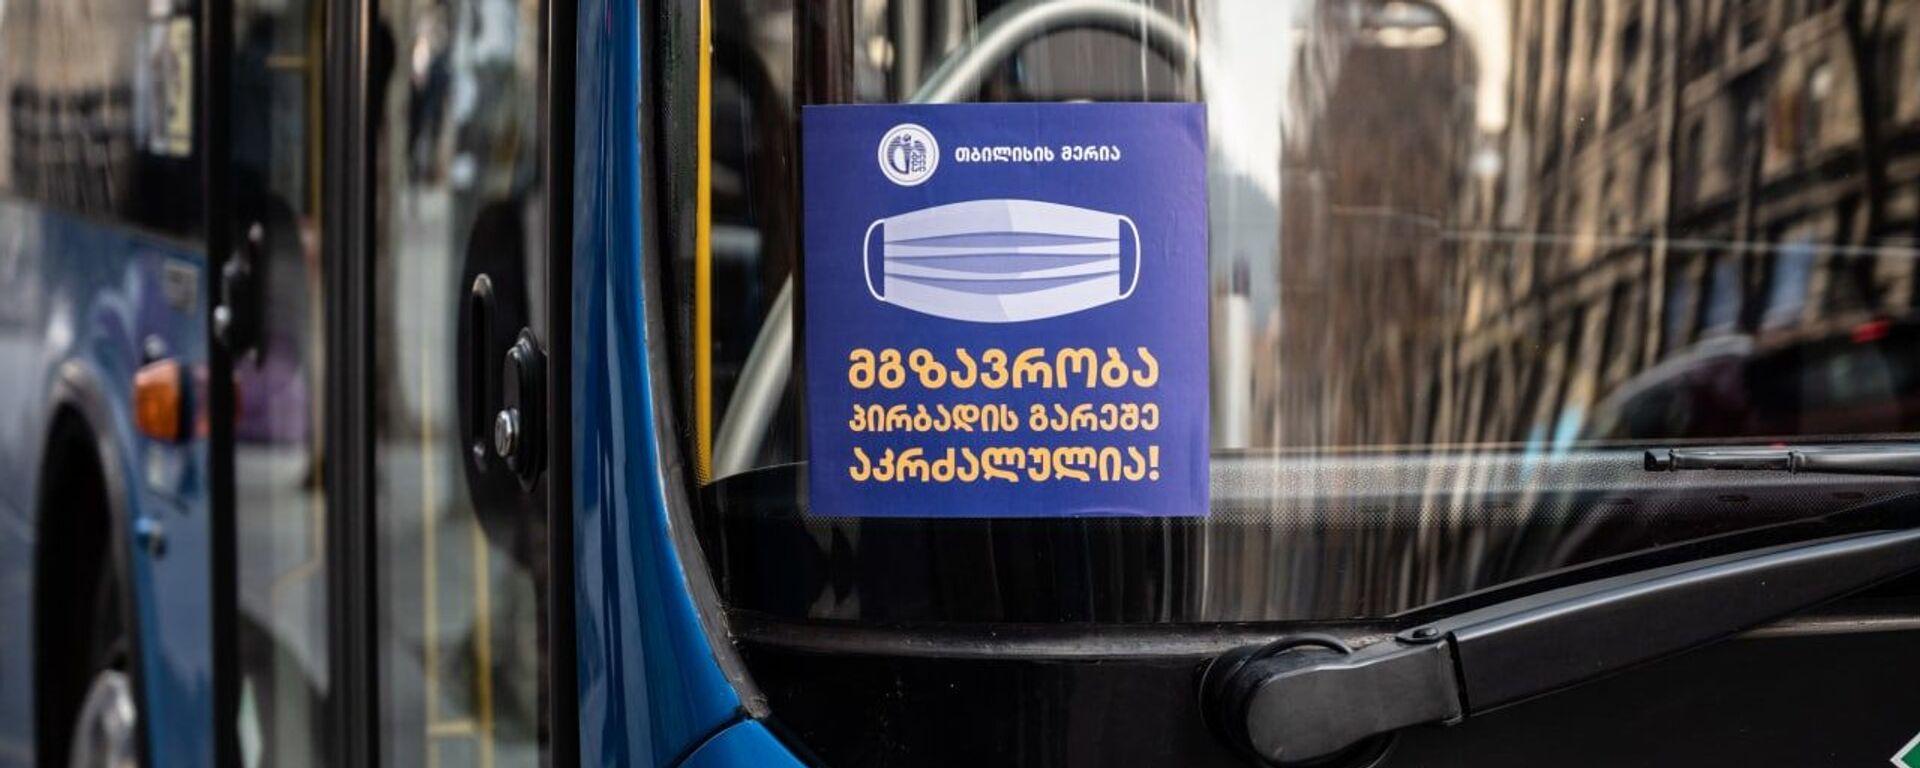 Тбилисские автобусы - масочный режим во время пандемии коронавируса - Sputnik Грузия, 1920, 15.02.2021